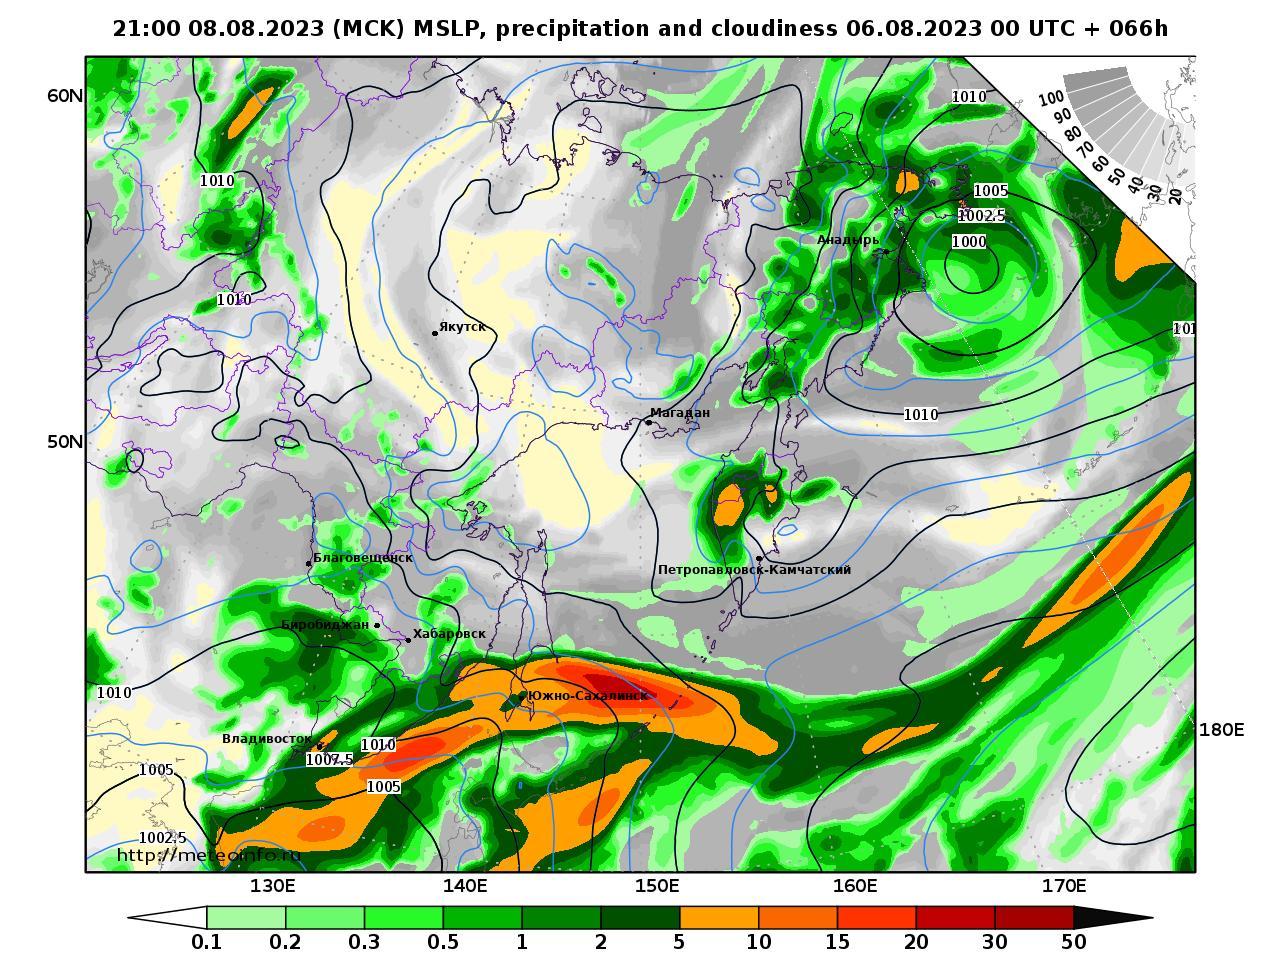 Дальний Восток, прогностическая карта осадки и давление, заблаговременность прогноза 66 часов